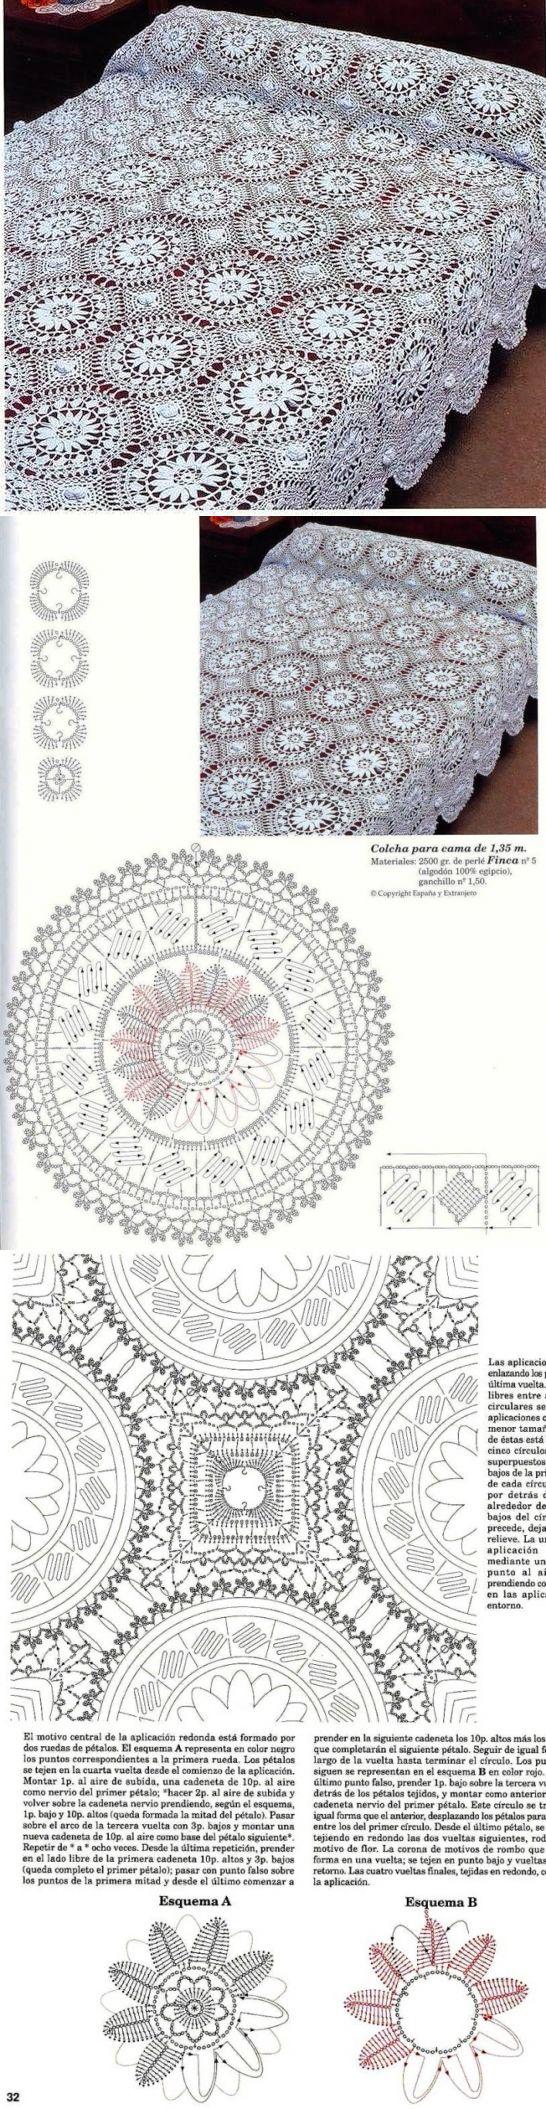 Όμορφη πέπλο της εγκυκλίου μοτίβα.  Πώς να πλέκει διάτρητη βελονάκι κουβέρτα |  Καθαριότητας για όλη την οικογένεια.